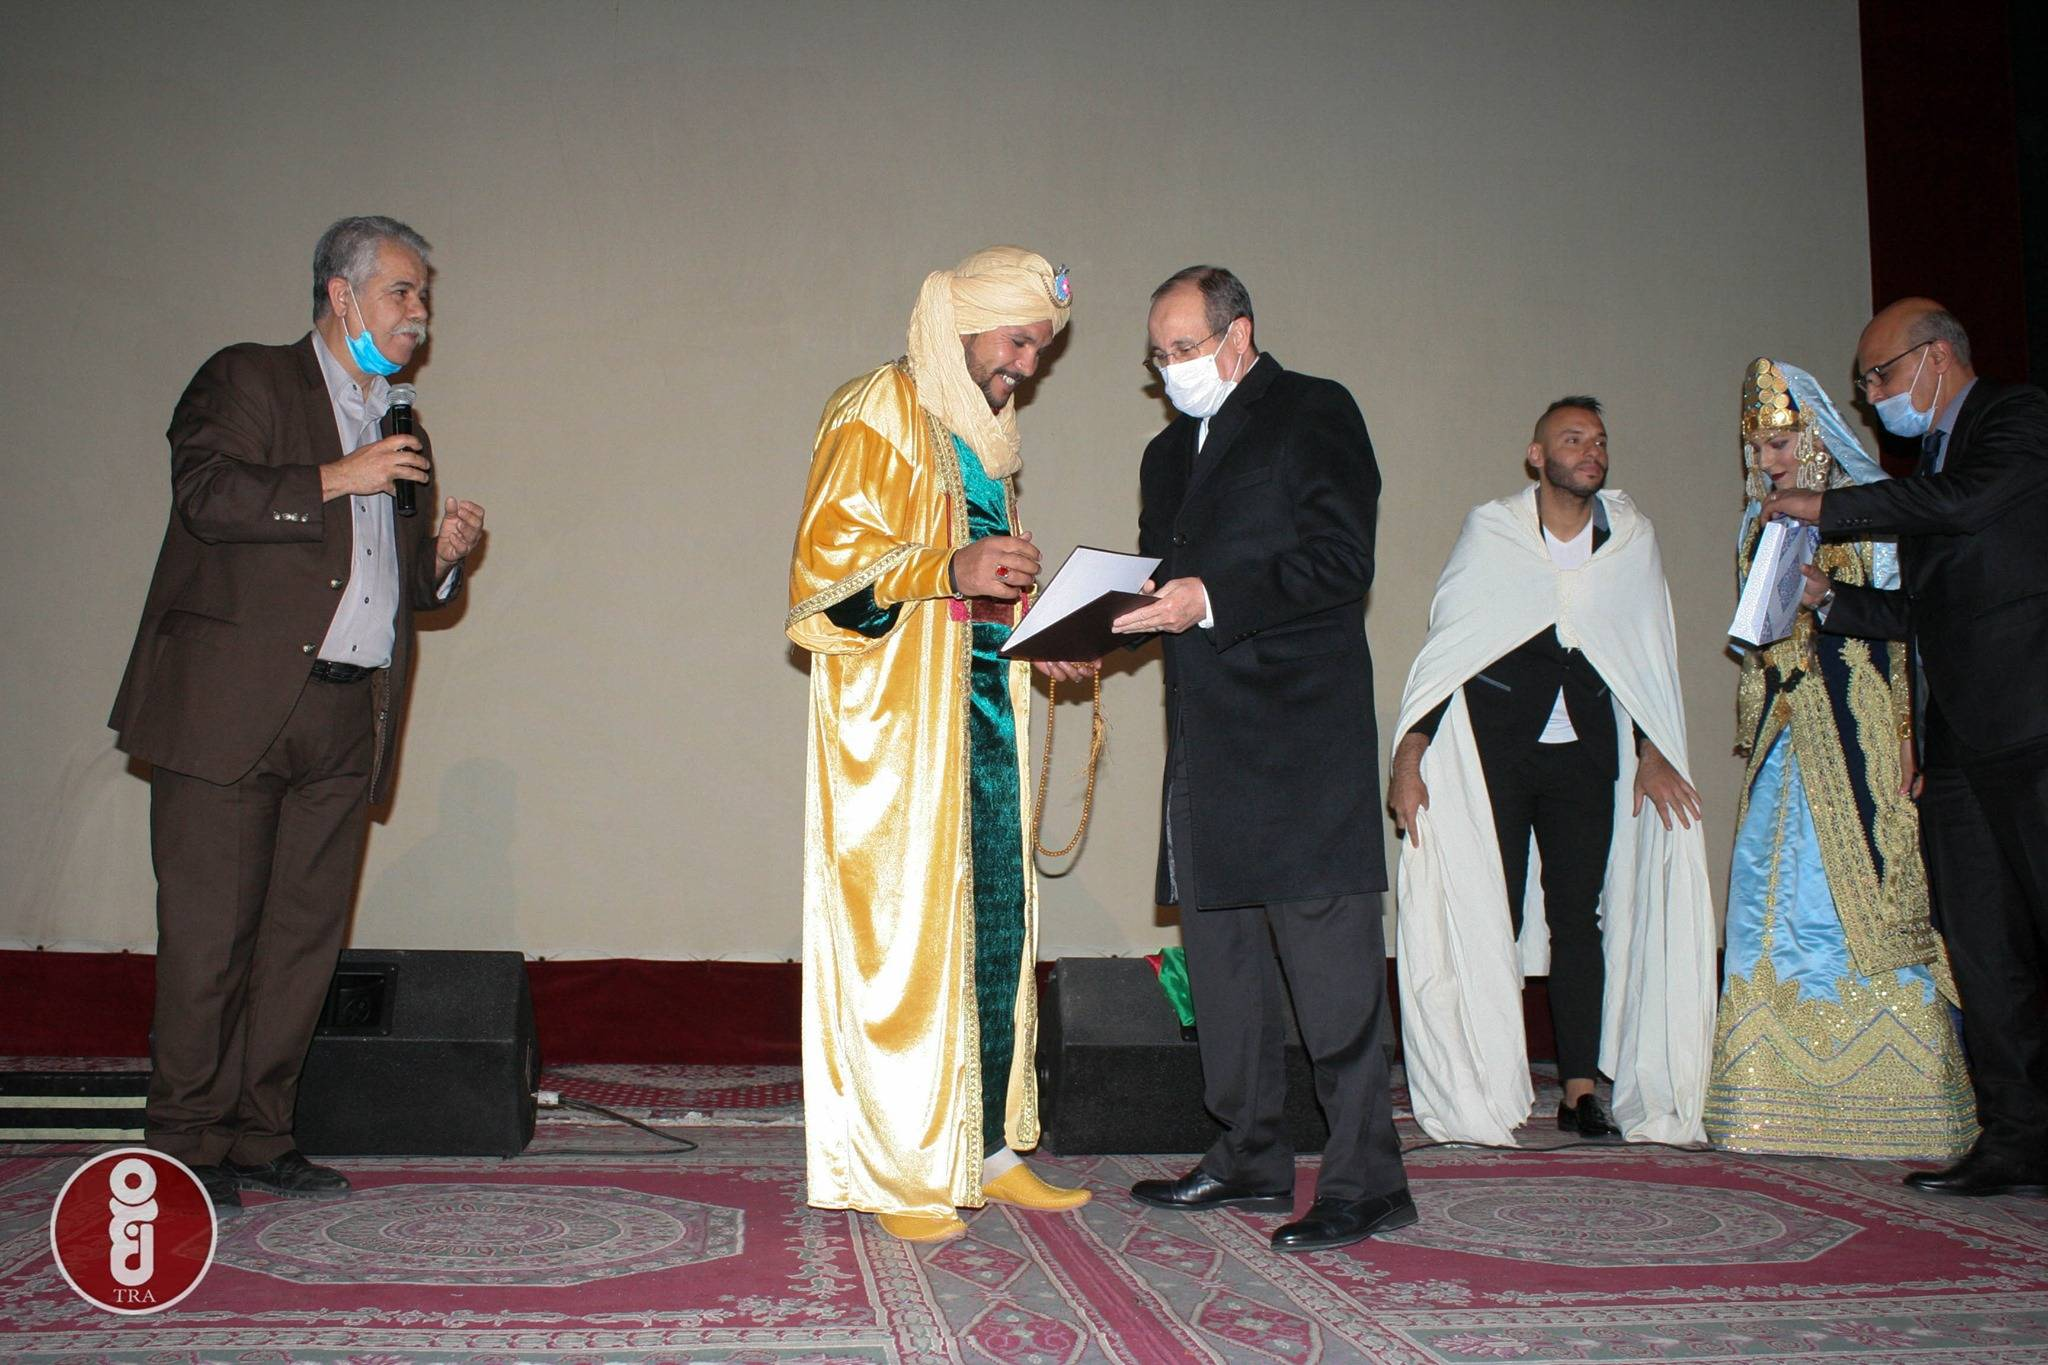 افتتاح فعاليات الاحتفال بـشهر التراث العالمي - المسرح الجهوي عز الدين مجوبي